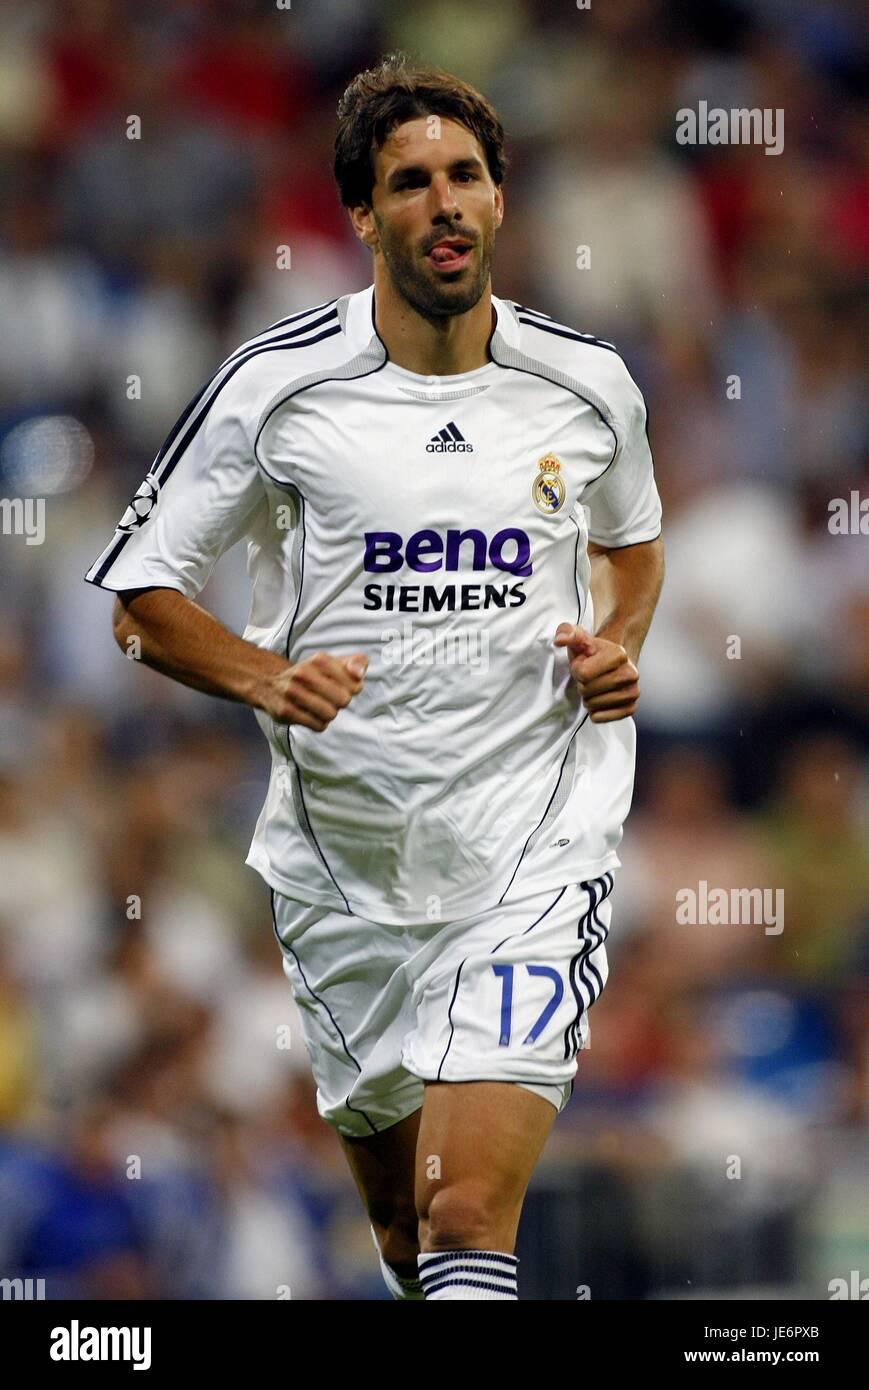 buy online 38571 89258 RUUD VAN NISTELROOY REAL MADRID CF THE BERNABEU MADRID SPAIN ...